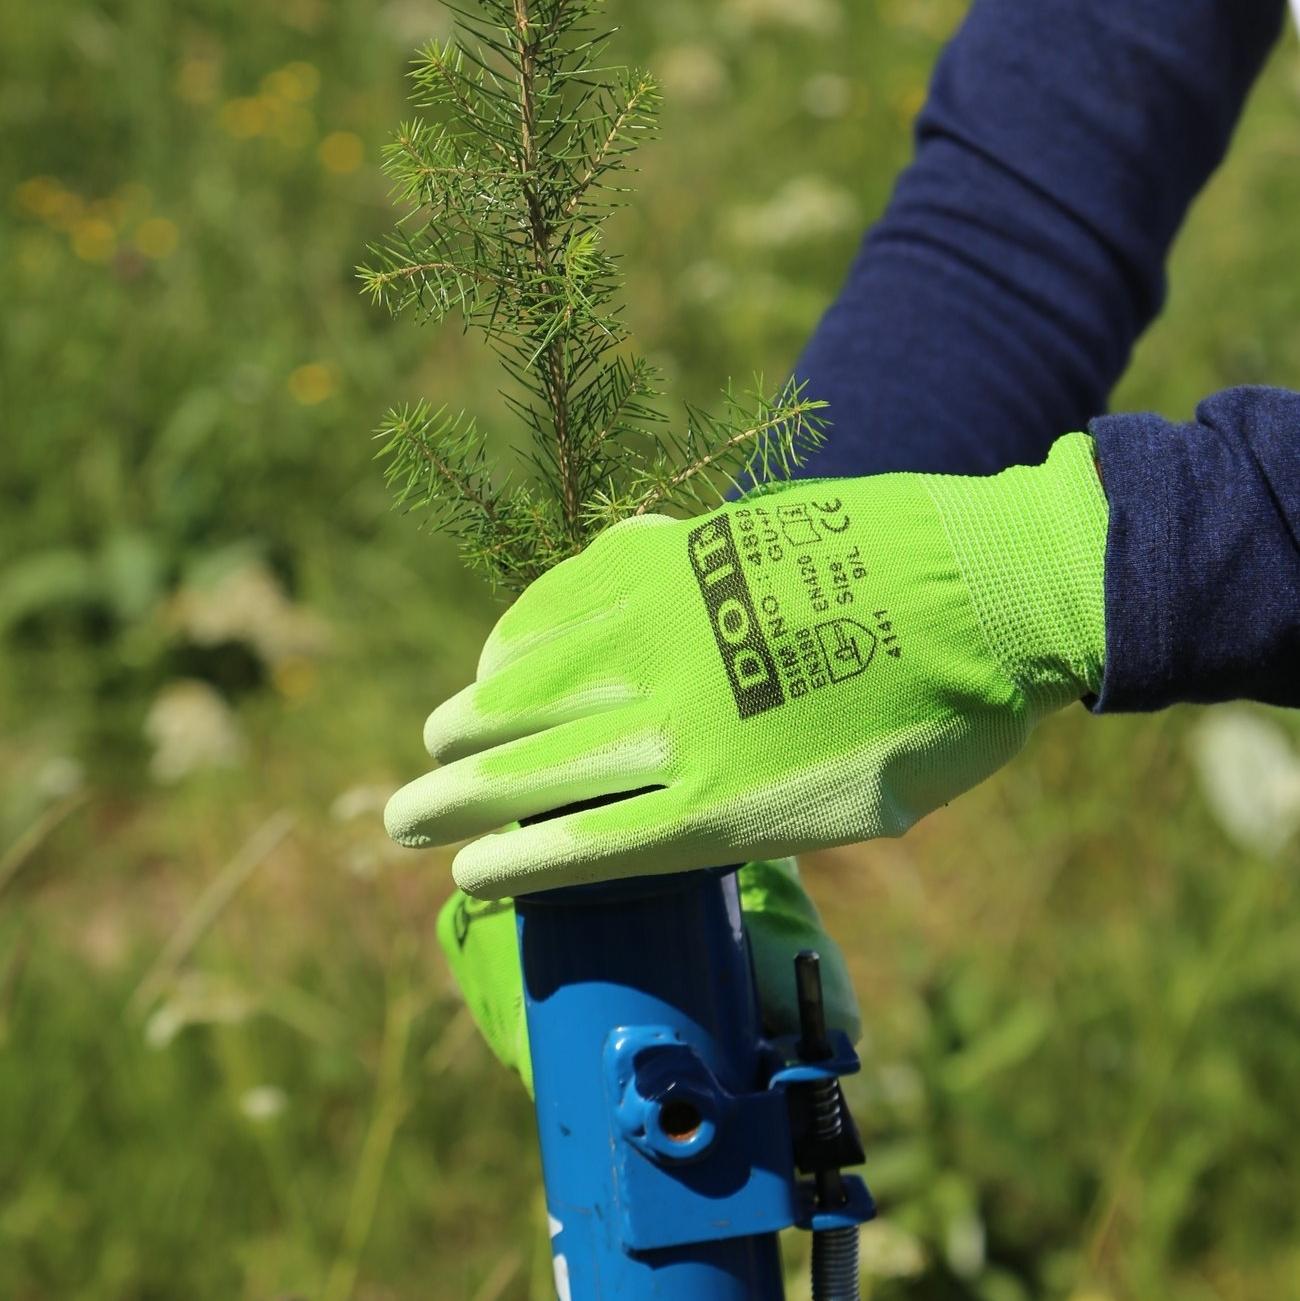 Istuttaja pudottaa taimea pottiputkeen hanskat kädessä ja pitkähihainen paita päällä